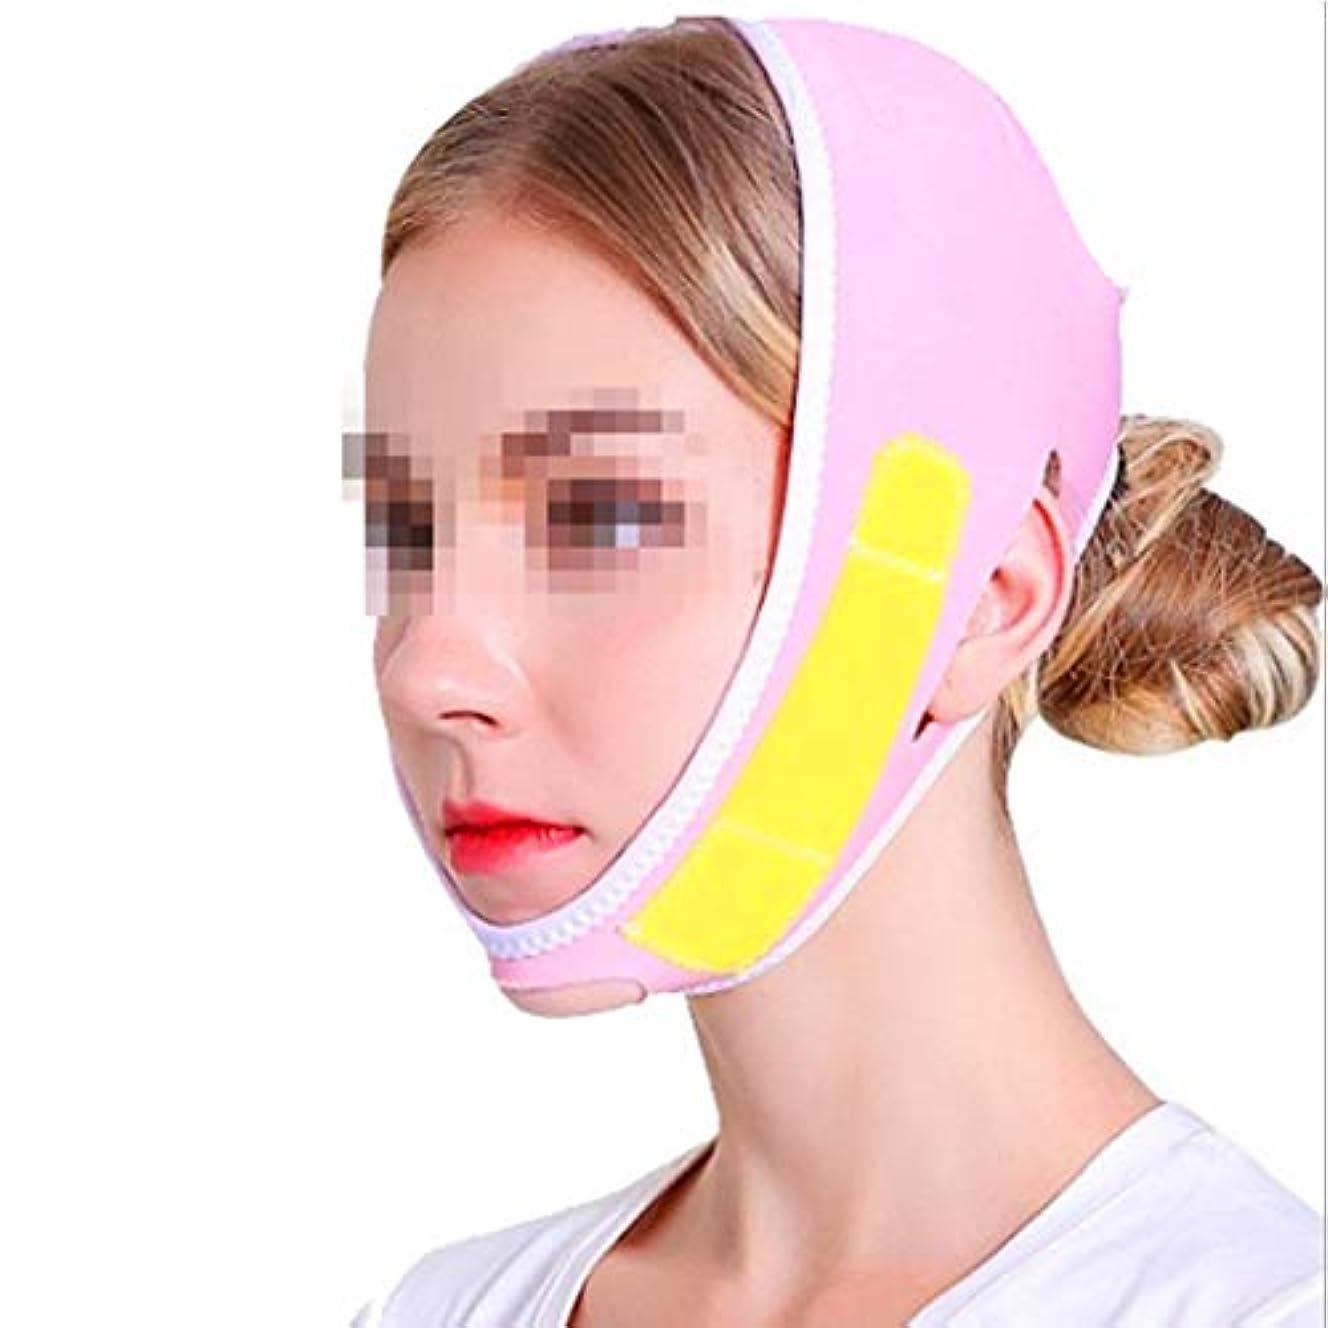 指紋疑いハシーXHLMRMJ フェイスリフトマスク、Vフェイスフェイシャルリフティングおよび締め付けをローラインマッサージ師ダブルチン美容整形包帯マルチカラーオプション (Color : Pink)